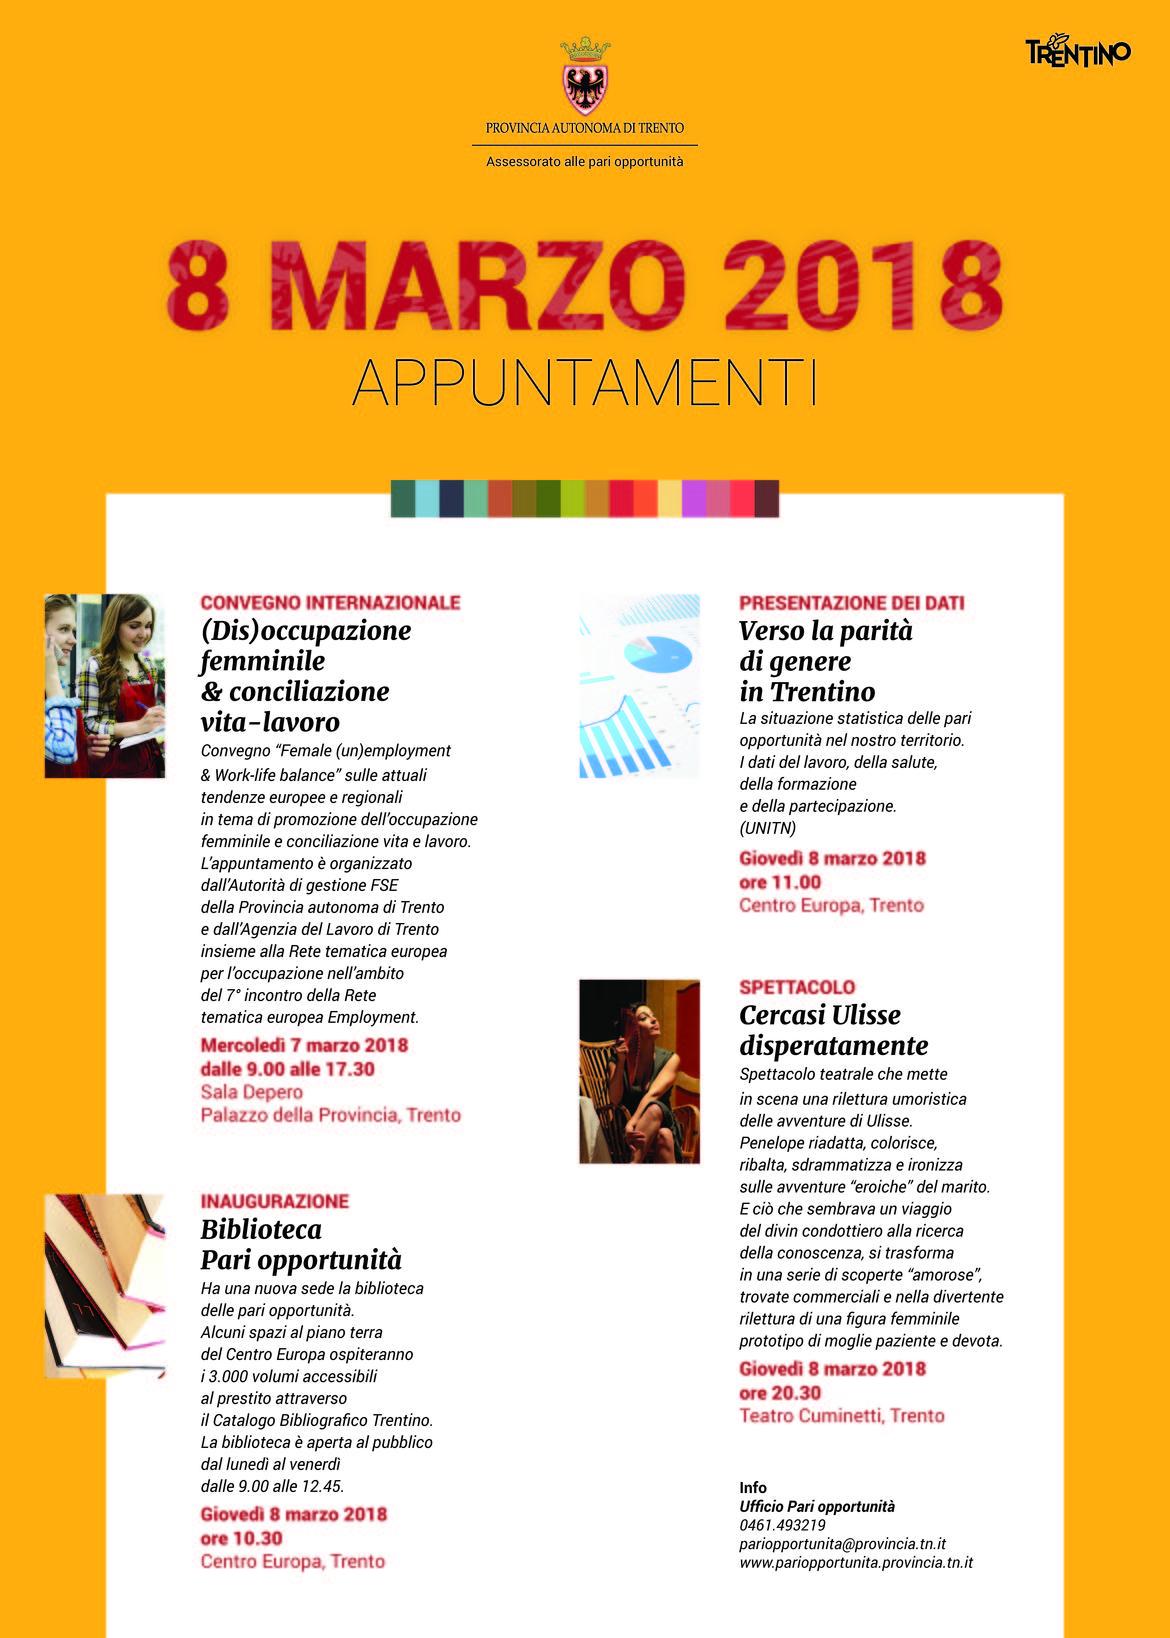 Cercasi Ulisse disperatamente - Trentino Cultura